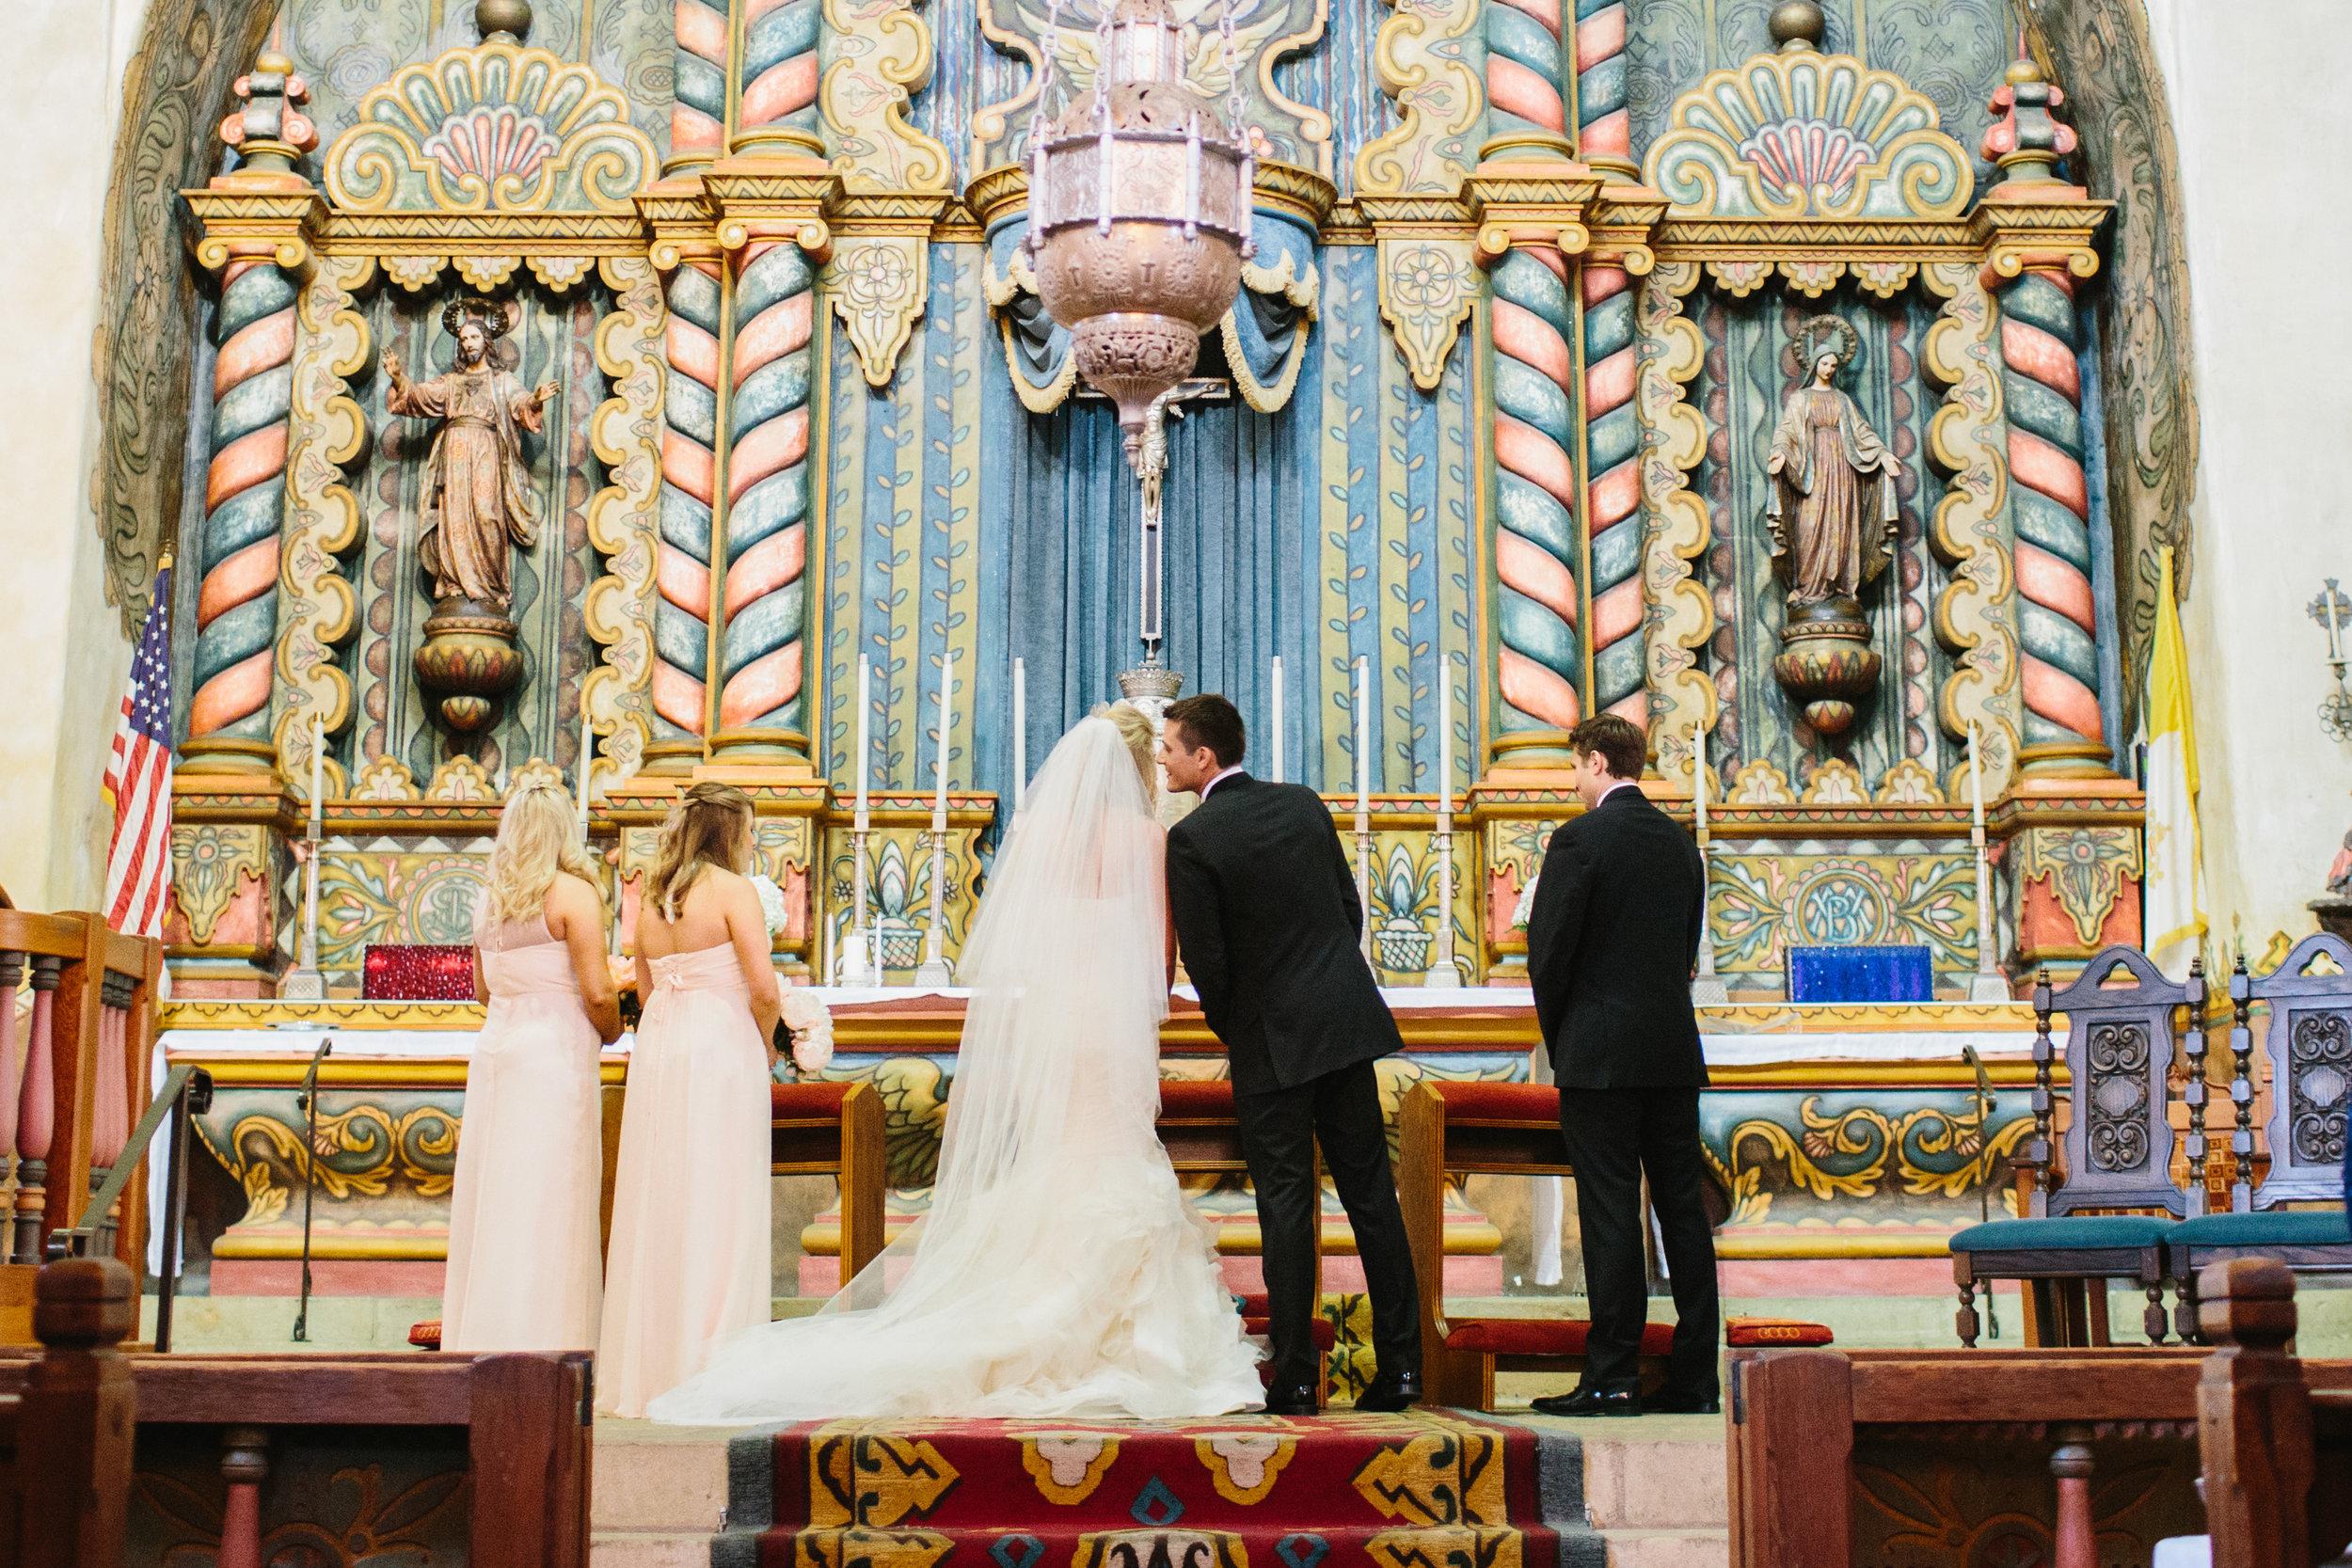 santabarbarawedding.com | Photo: Marianne Wilson | Our Lady of Mt. Carmel Wedding Ceremony Ideas